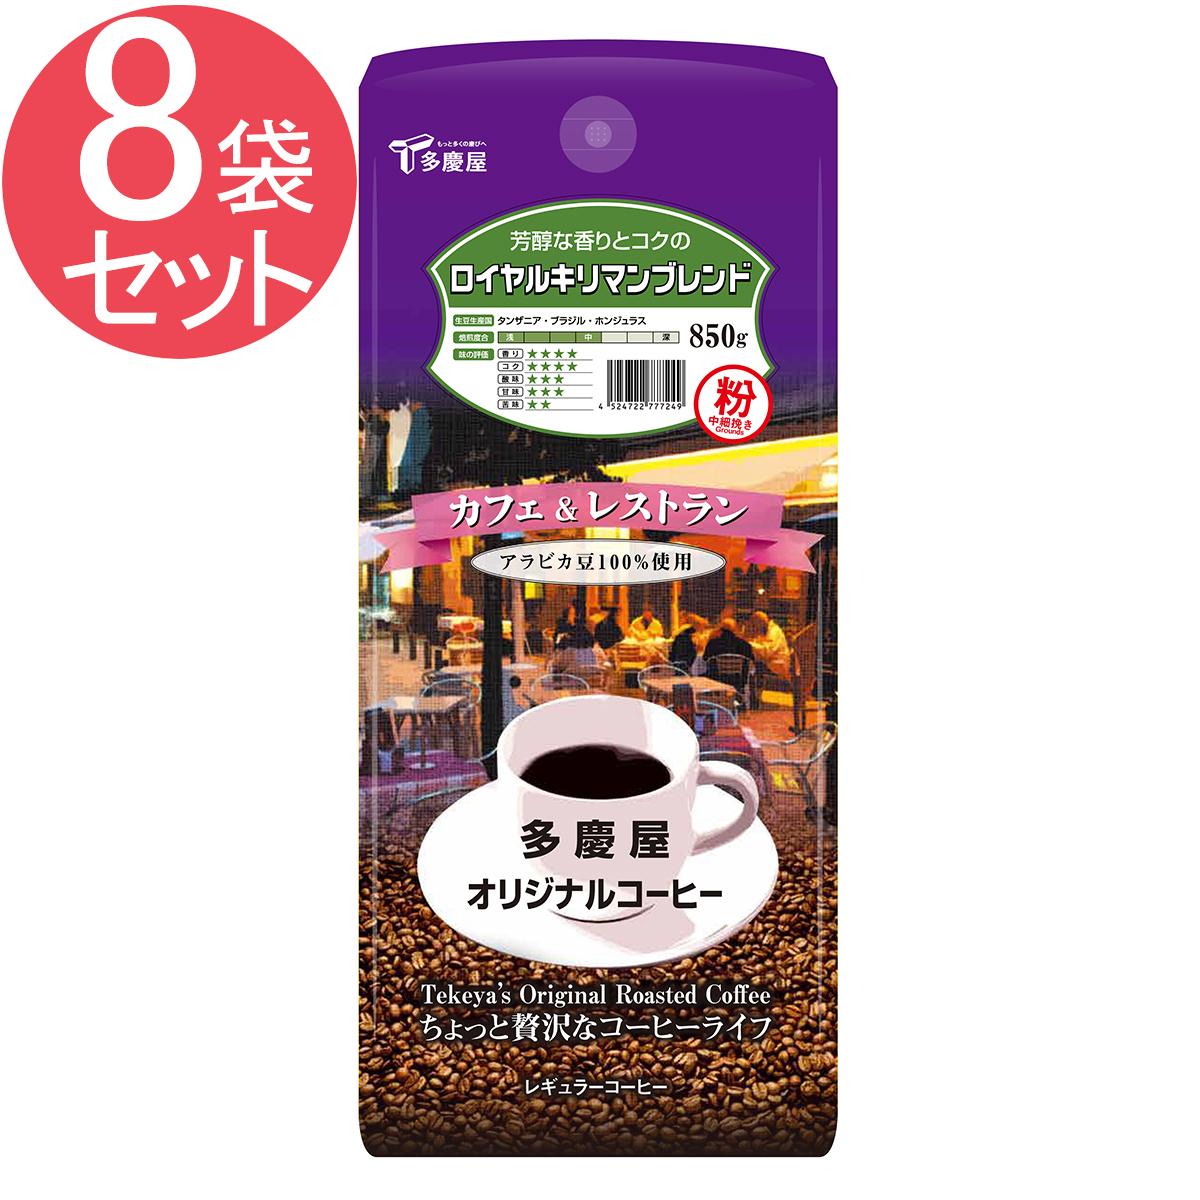 ロイヤルキリマンブレンド 粉 850g×8袋セット 多慶屋オリジナルコーヒー 【カフェ&レストラン】 コーヒー粉 レギュラーコーヒー 珈琲 coffee